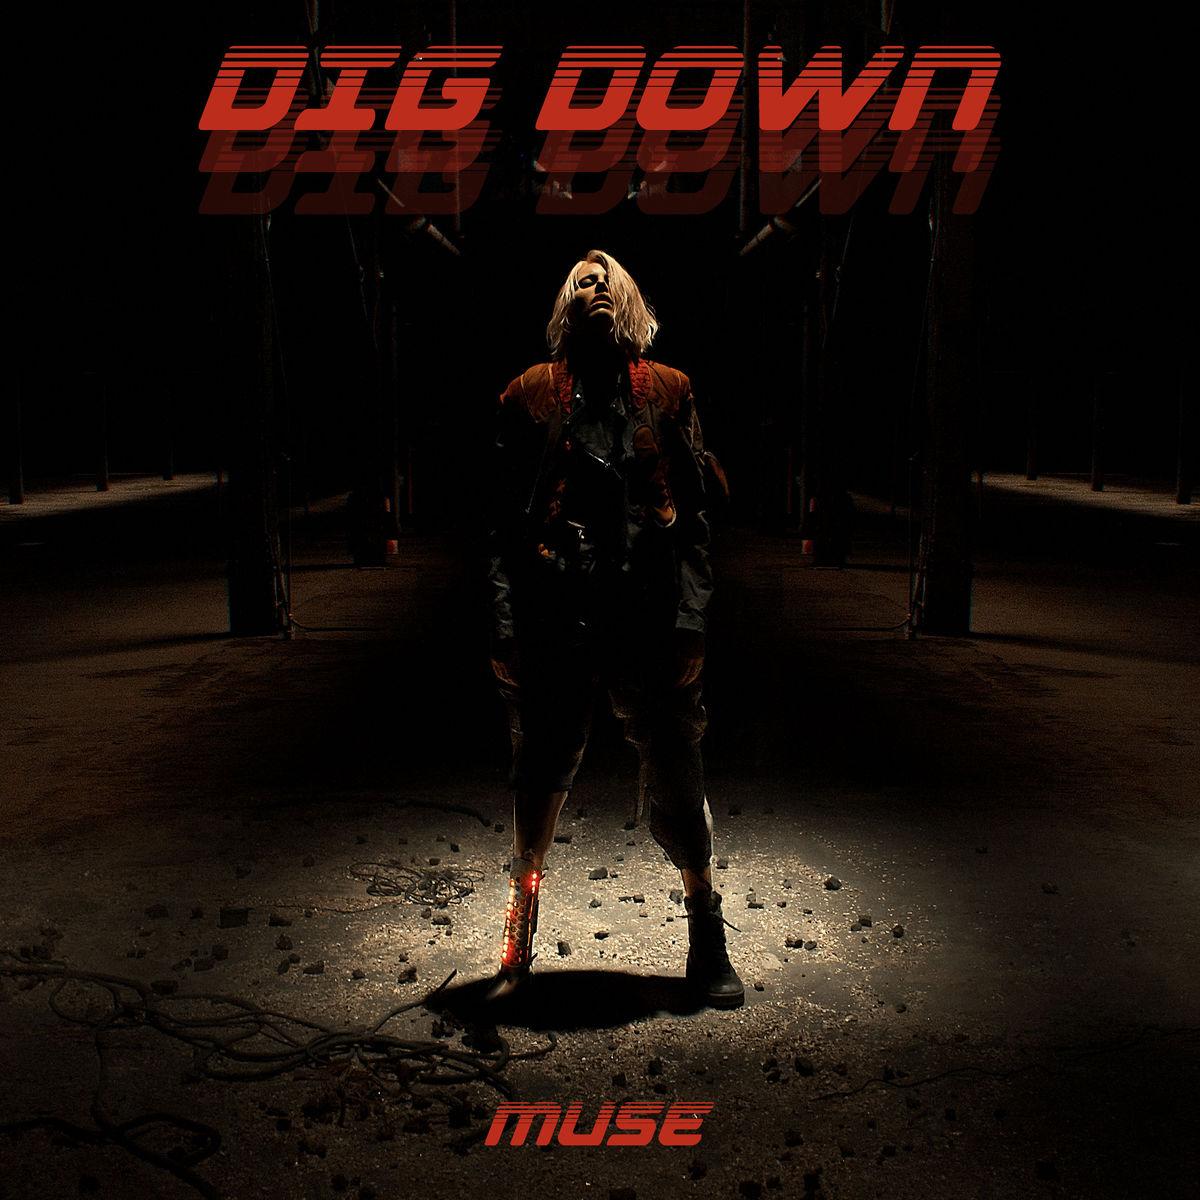 Dig down